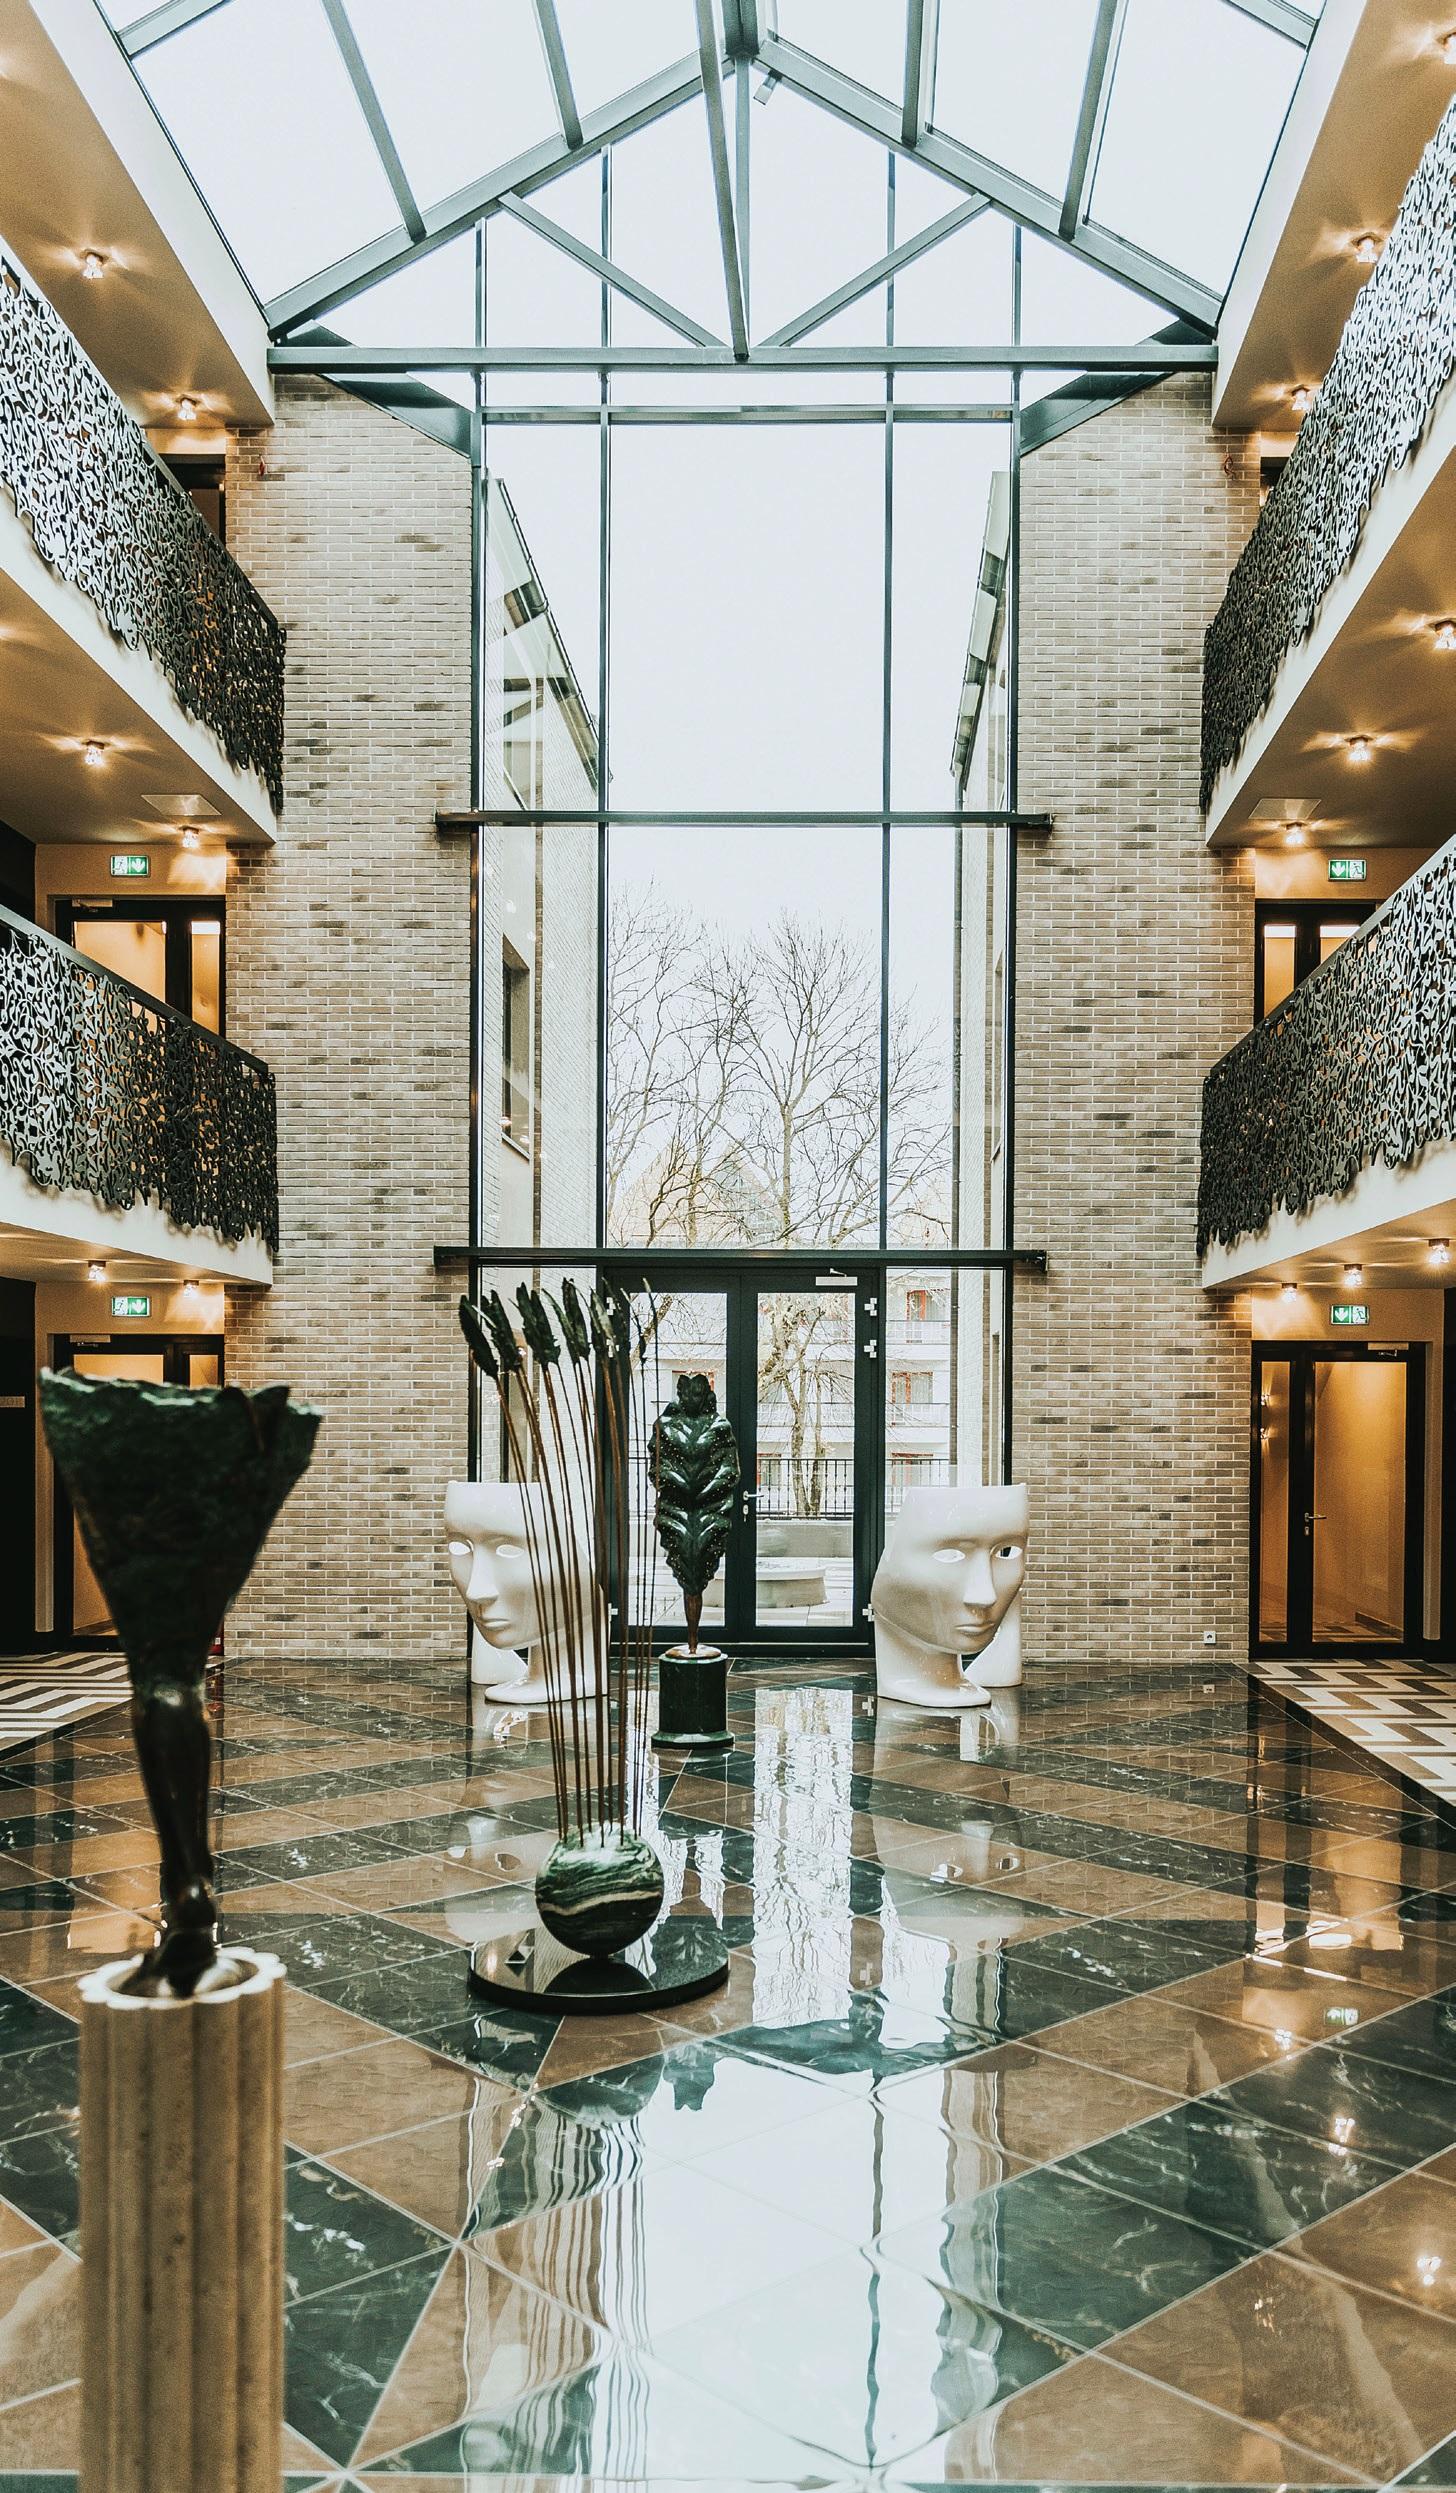 Atriumo grindų piešinys – tarsi Amsterdamo kanalų vanduo. Erdvę puošia viešbučio meno mecenatų kūriniai